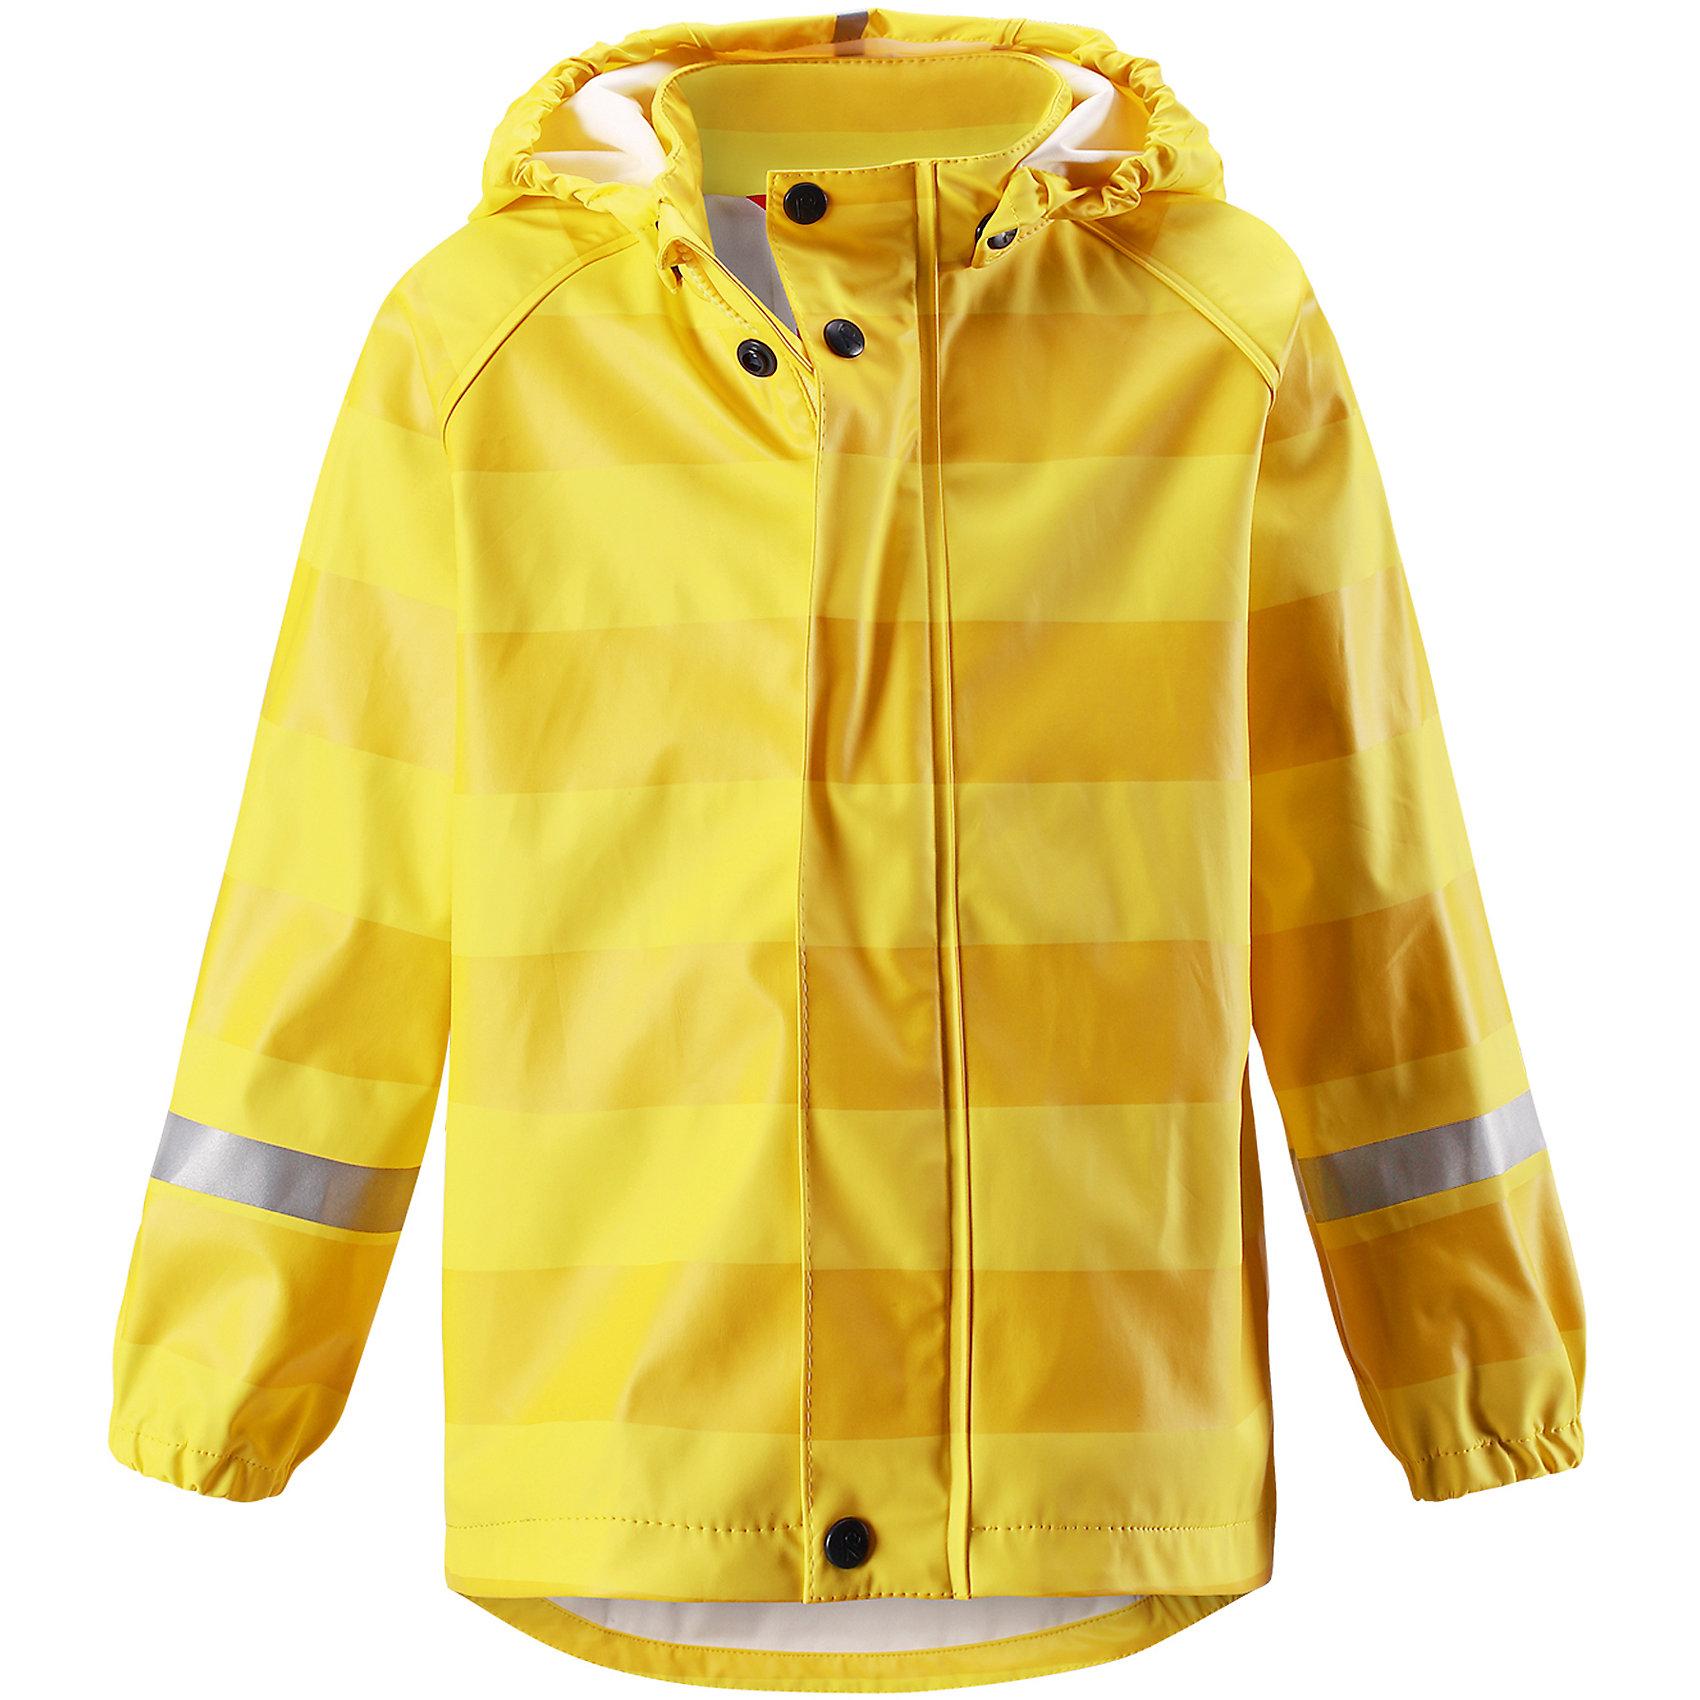 Плащ-дождевик Vesi ReimaХарактеристики товара:<br><br>• цвет: желтый<br>• состав: 100% полиэстер, полиуретановое покрытие<br>• температурный режим: от +10° до +20°С<br>• водонепроницаемость: 10000 мм<br>• без утеплителя<br>• водонепроницаемый материал с запаянными швами<br>• эластичный материал<br>• можно пристёгивать промежуточные слои Reima® с помощью кнопок Play Layers®<br>• не содержит ПВХ<br>• безопасный съёмный капюшон<br>• спереди застегивается на молнию<br>• эластичные манжеты<br>• светоотражающие детали<br>• комфортная посадка<br>• страна производства: Китай<br>• страна бренда: Финляндия<br>• коллекция: весна-лето 2017<br><br>Верхняя одежда для детей может быть модной и комфортной одновременно! Легкий плащ поможет обеспечить ребенку комфорт и тепло. Он отлично смотрится с различной одеждой и обувью. Изделие удобно сидит и модно выглядит. Материал - прочный, хорошо подходящий для дождливой погоды. Стильный дизайн разрабатывался специально для детей.<br><br>Одежда и обувь от финского бренда Reima пользуется популярностью во многих странах. Эти изделия стильные, качественные и удобные. Для производства продукции используются только безопасные, проверенные материалы и фурнитура. Порадуйте ребенка модными и красивыми вещами от Reima! <br><br>Плащ для мальчика от финского бренда Reima (Рейма) можно купить в нашем интернет-магазине.<br><br>Ширина мм: 356<br>Глубина мм: 10<br>Высота мм: 245<br>Вес г: 519<br>Цвет: желтый<br>Возраст от месяцев: 18<br>Возраст до месяцев: 24<br>Пол: Унисекс<br>Возраст: Детский<br>Размер: 92,86,98,104,116,122,128,110,134,140<br>SKU: 5270465